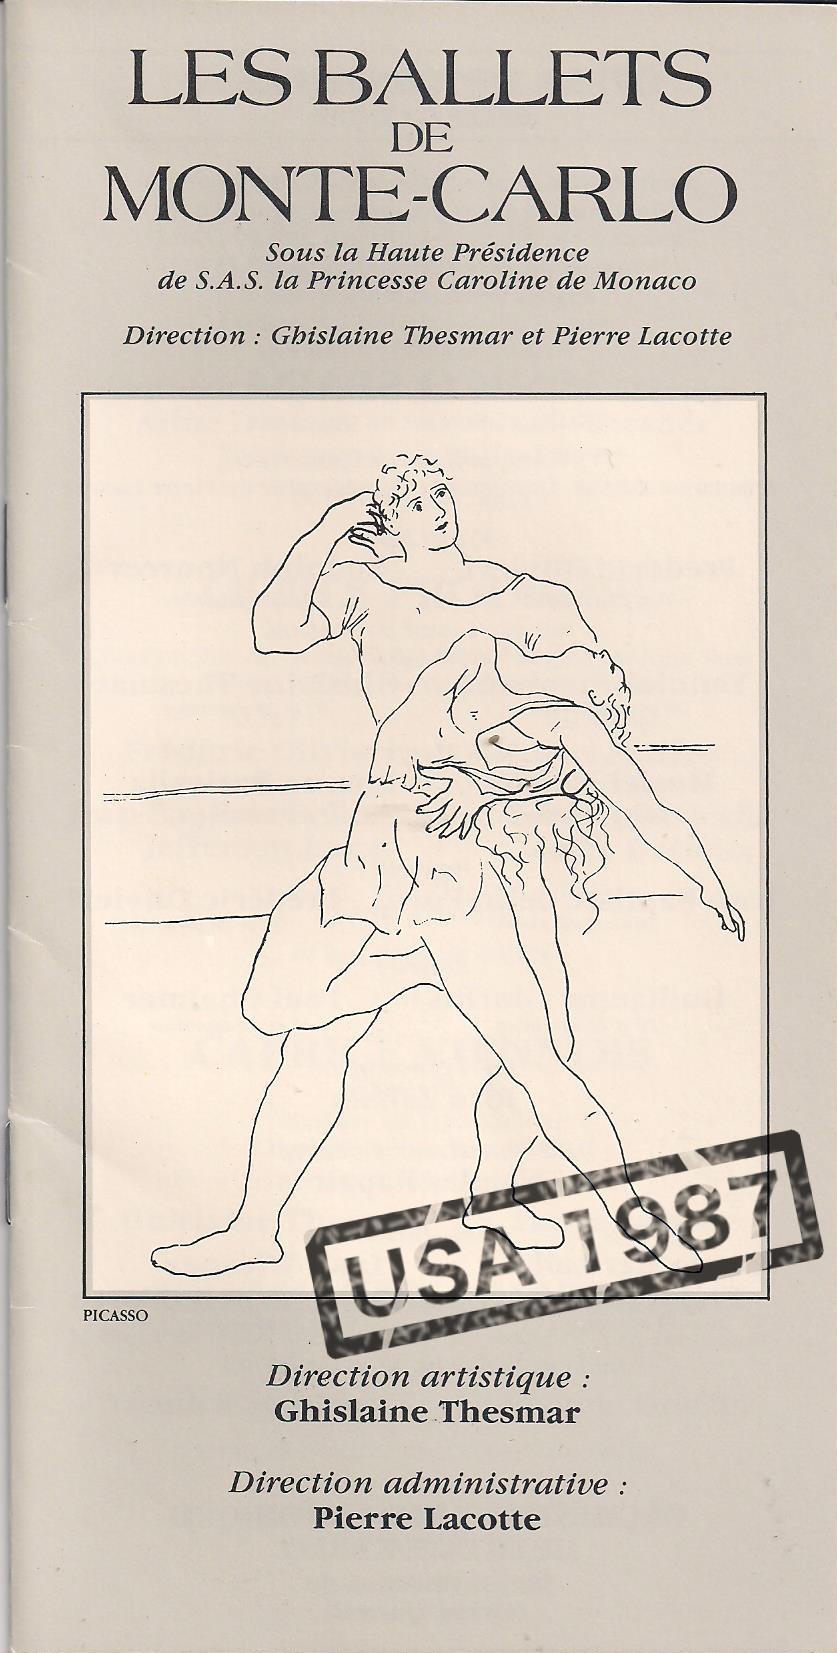 Les Ballets de Monte Carlo 1987 Ver 4.JPG